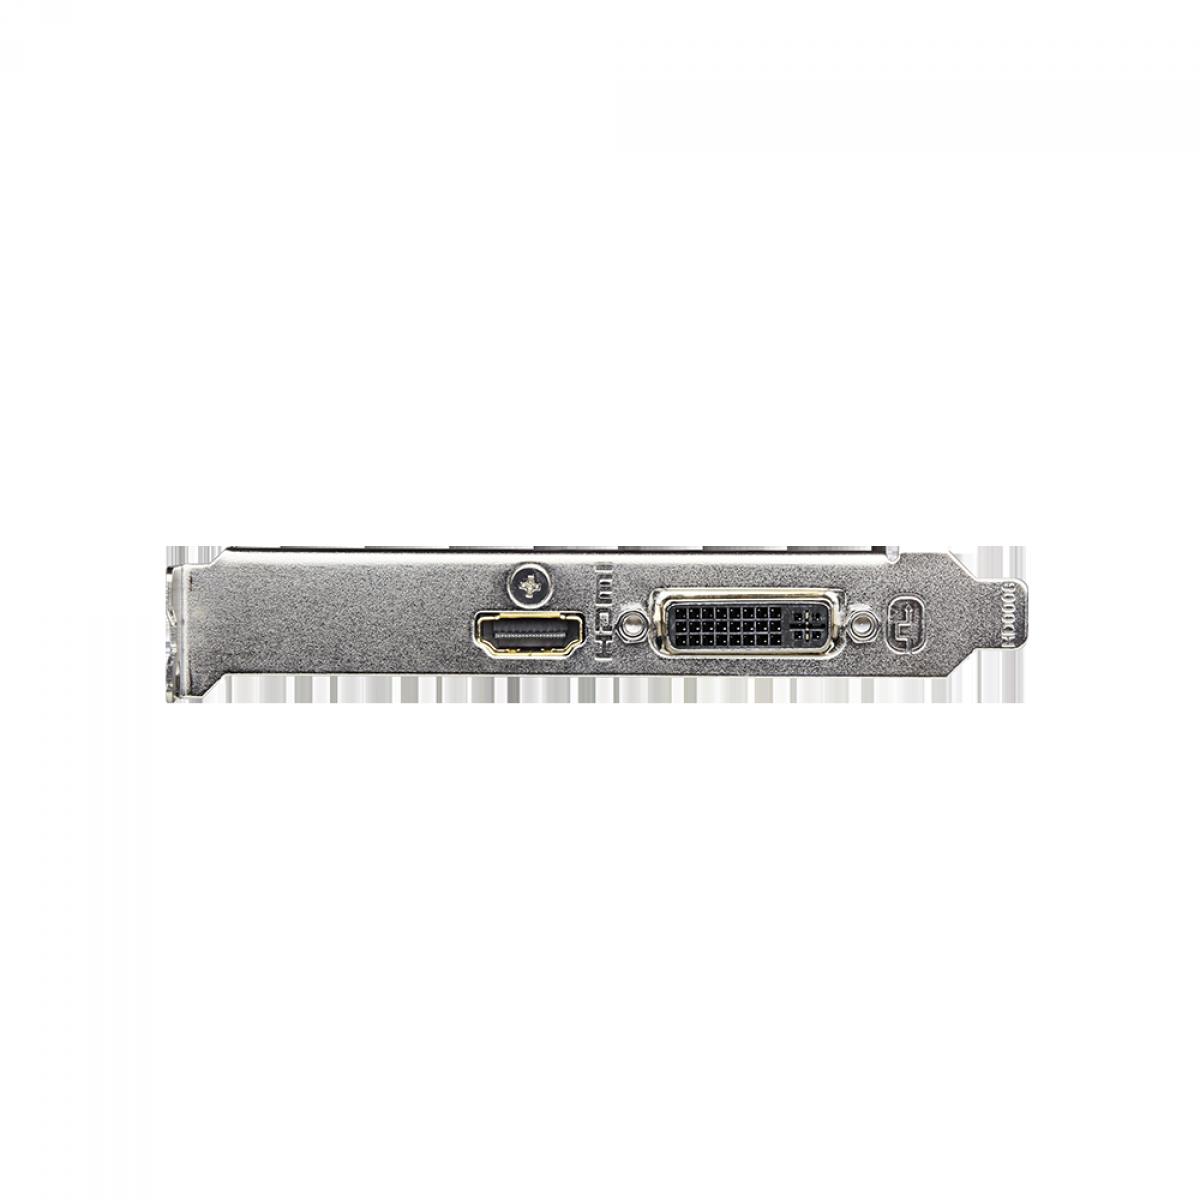 Placa de Vídeo Gigabyte GeForce GT 730, 2GB, GDDR5, 64bit, GV-N730D5-2GL